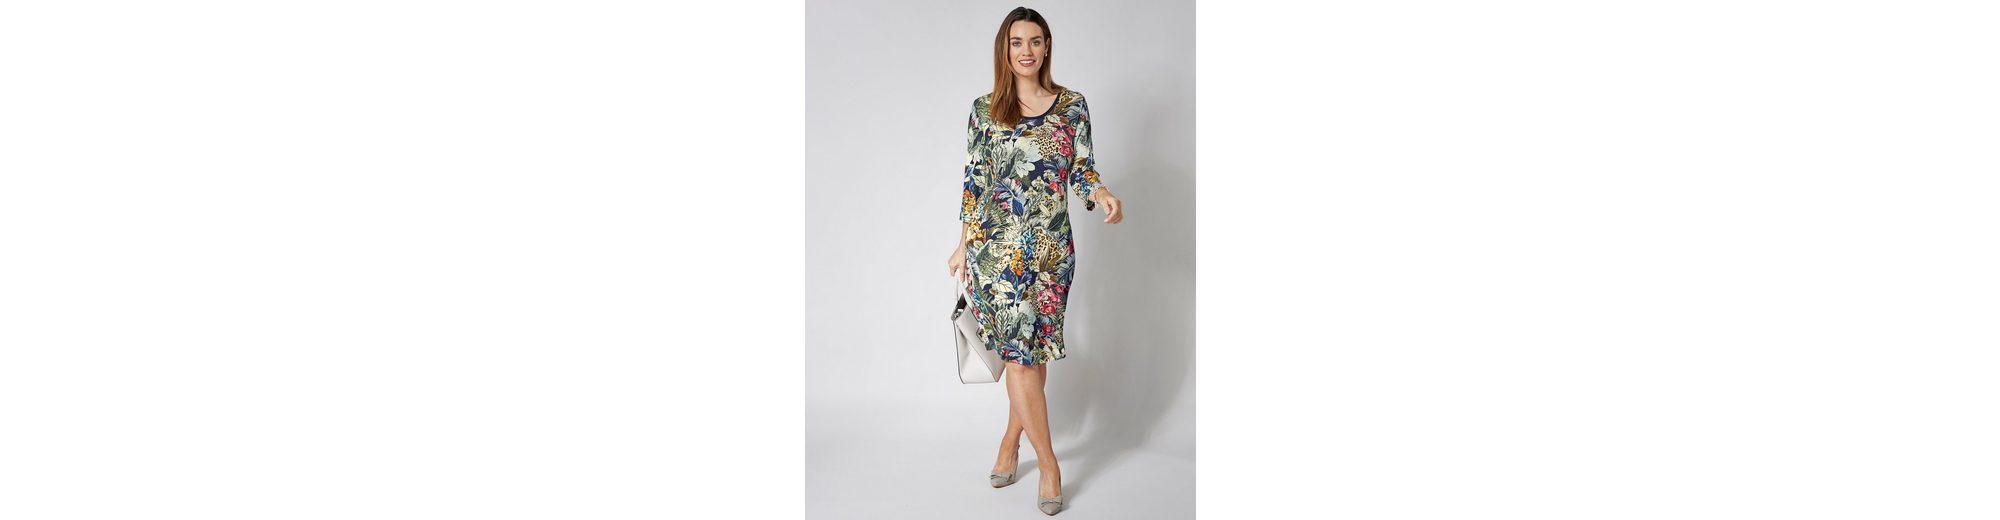 Sara Lindholm by Happy Size Kleid mit Blumen-Print Verkauf Online-Shopping 5KqFqbz